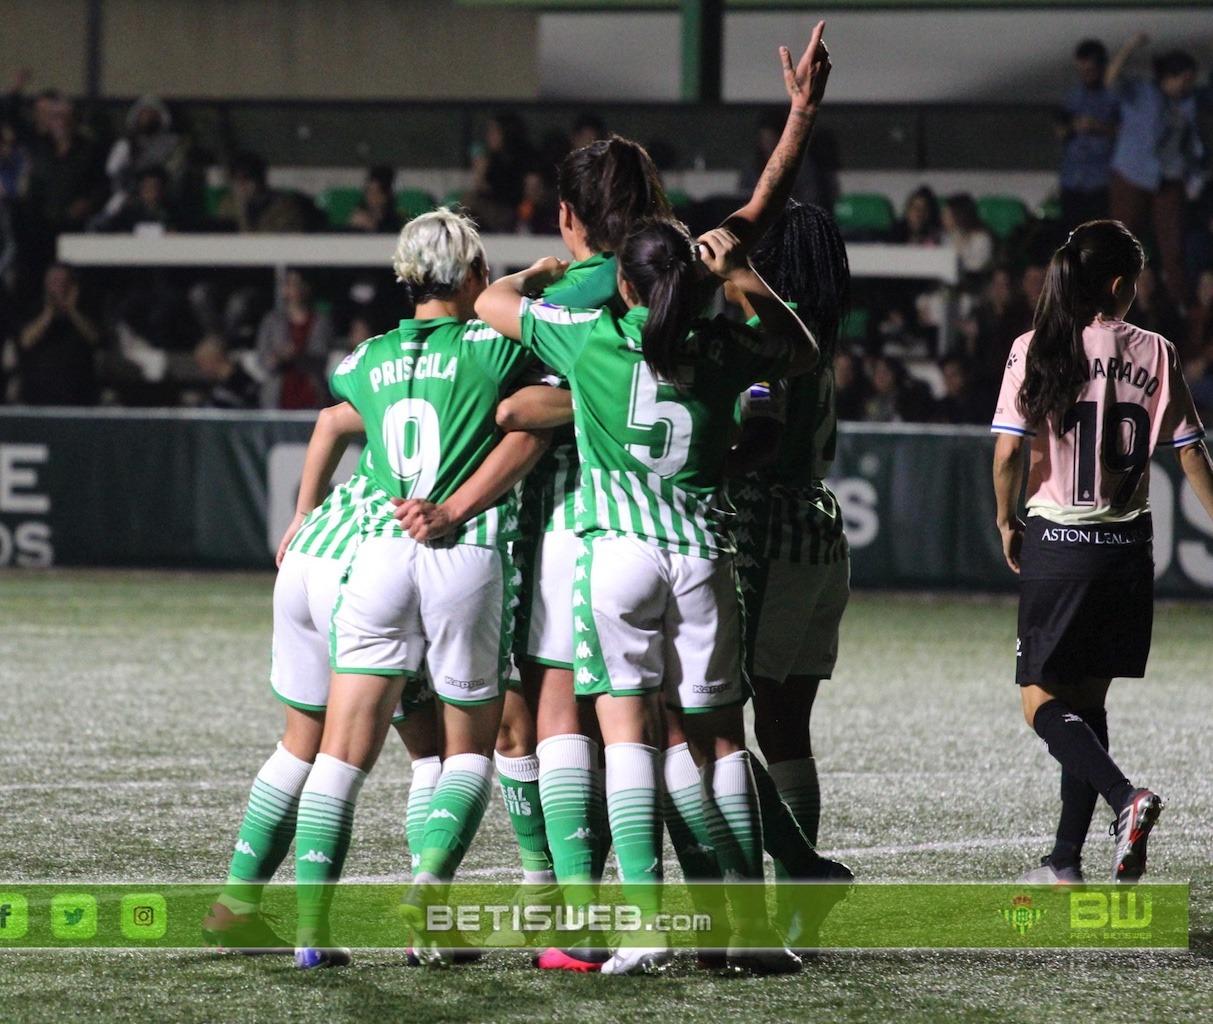 aJ20-Betis-Fem-Espanyol-219